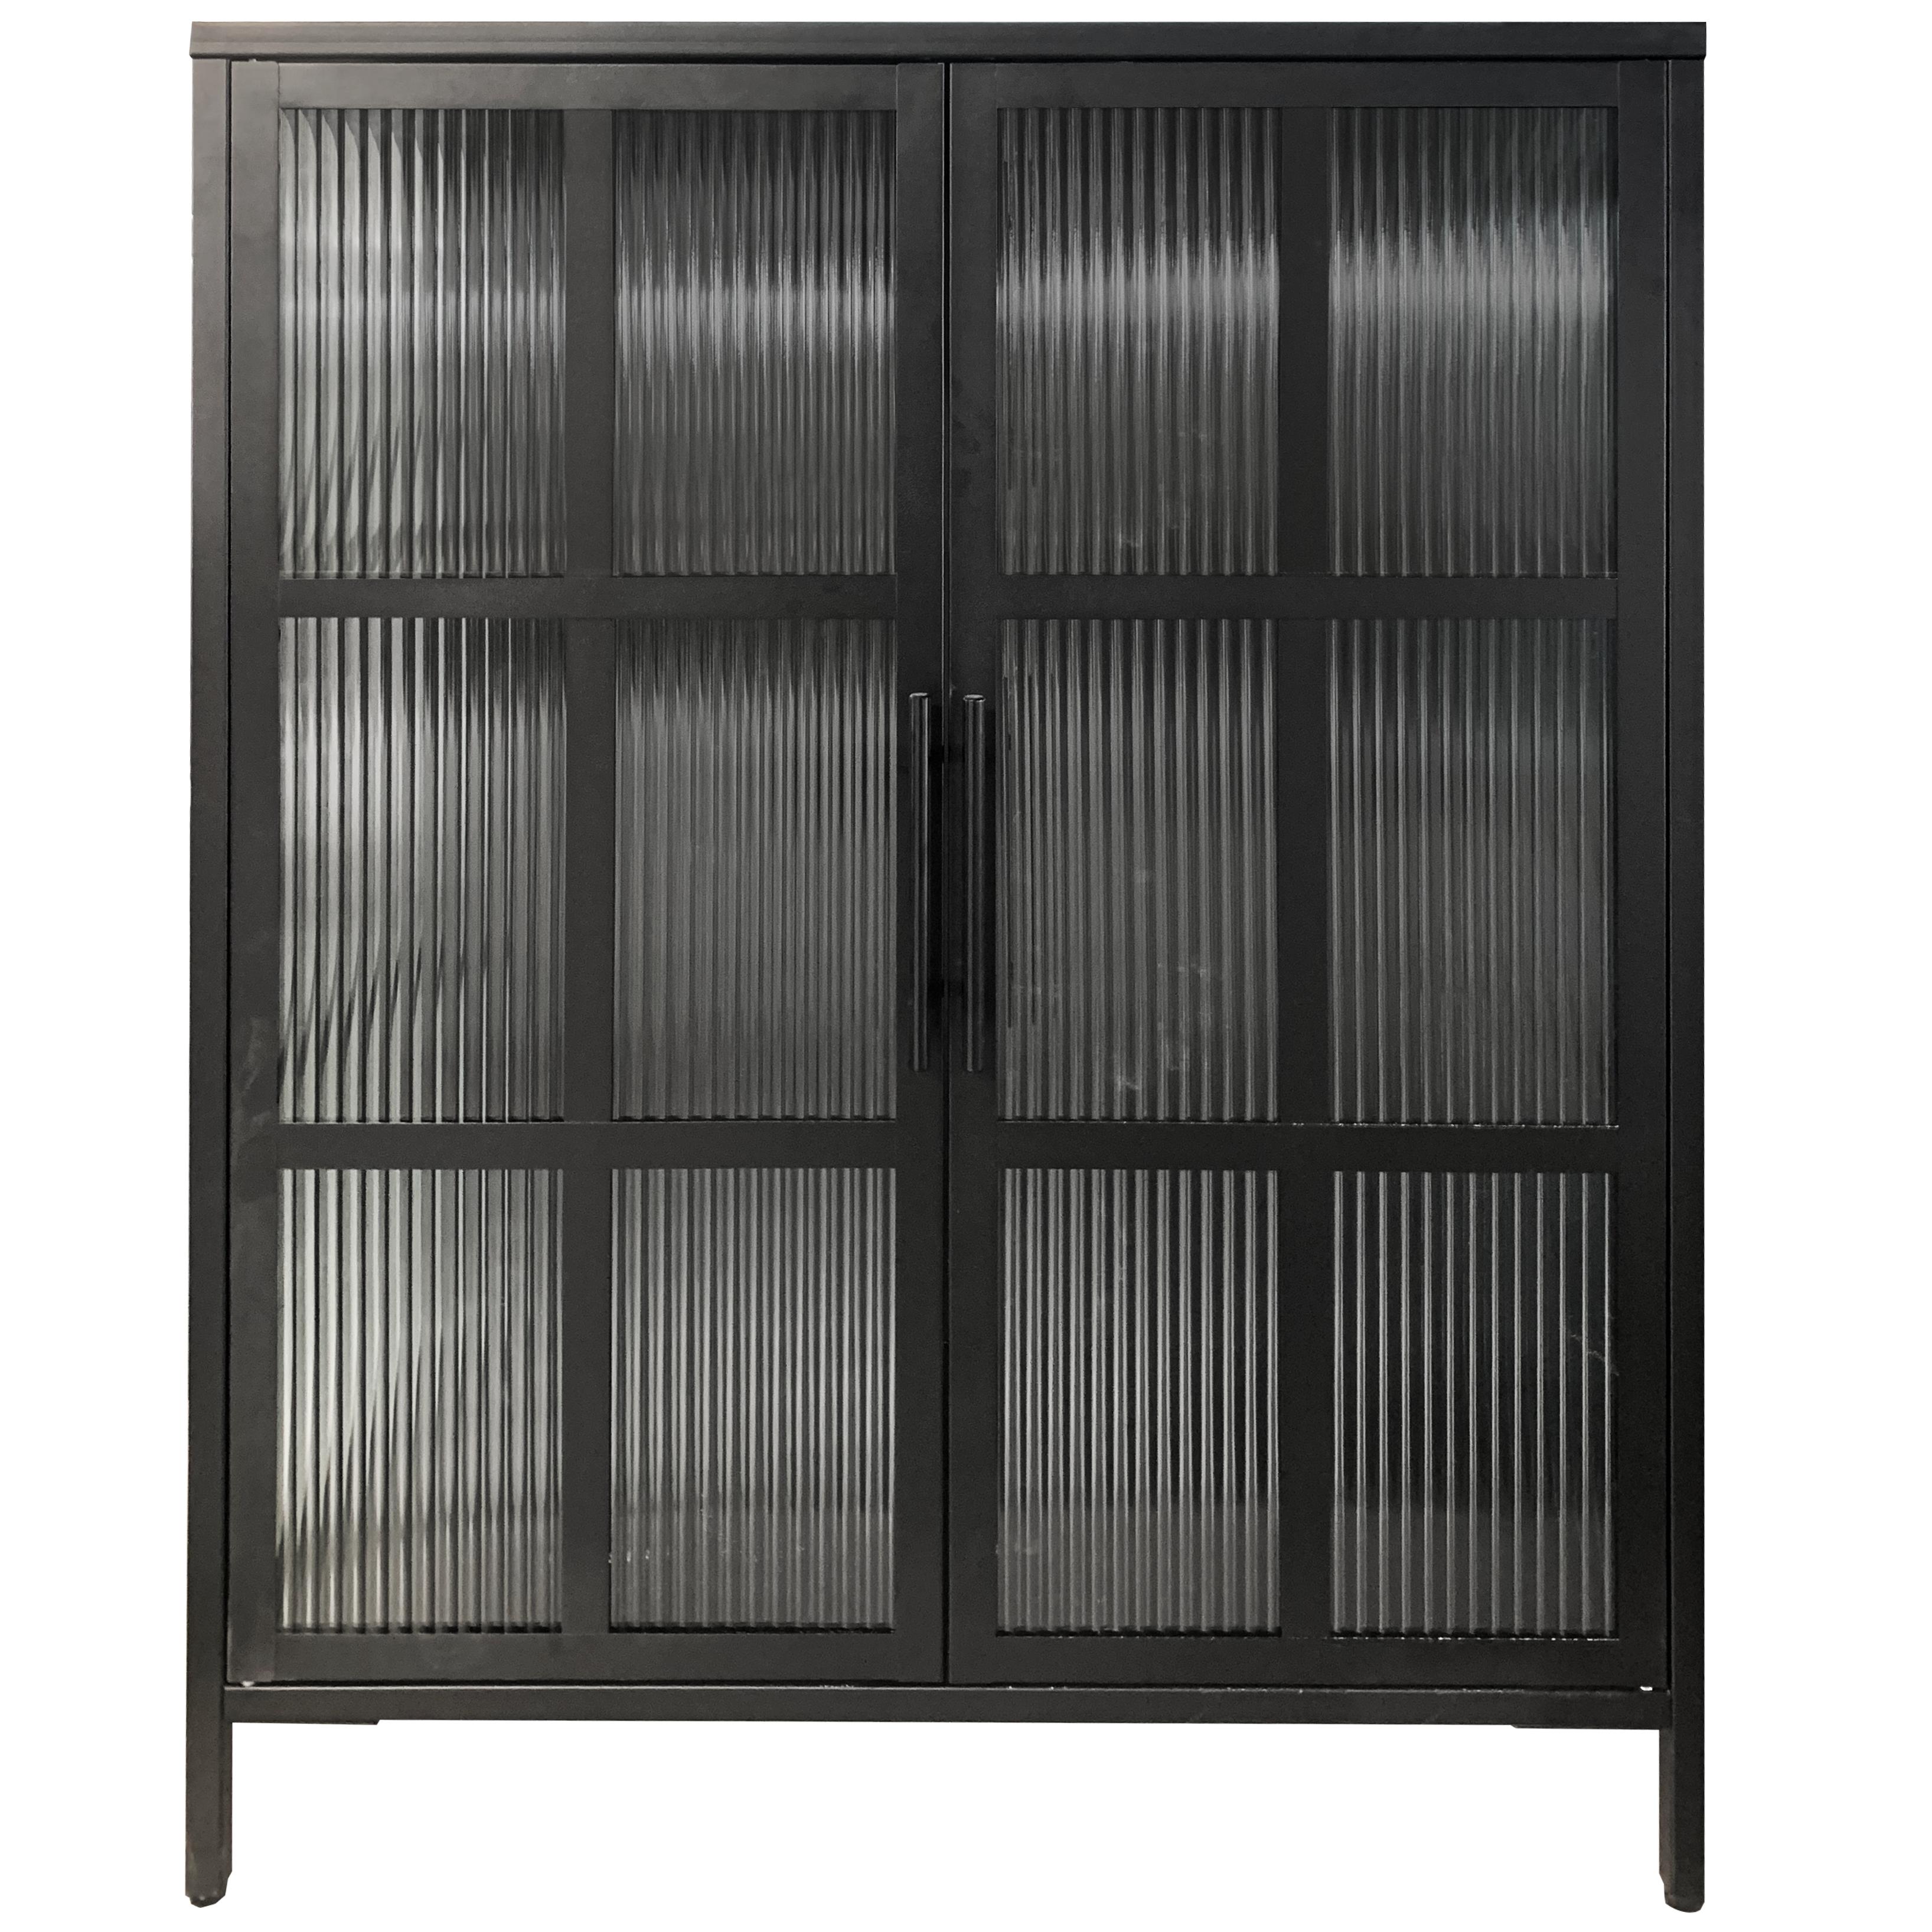 Nimara.dk Reese skænk/vitrineskab i sort metal med 2 glaslåger - Riflet glas